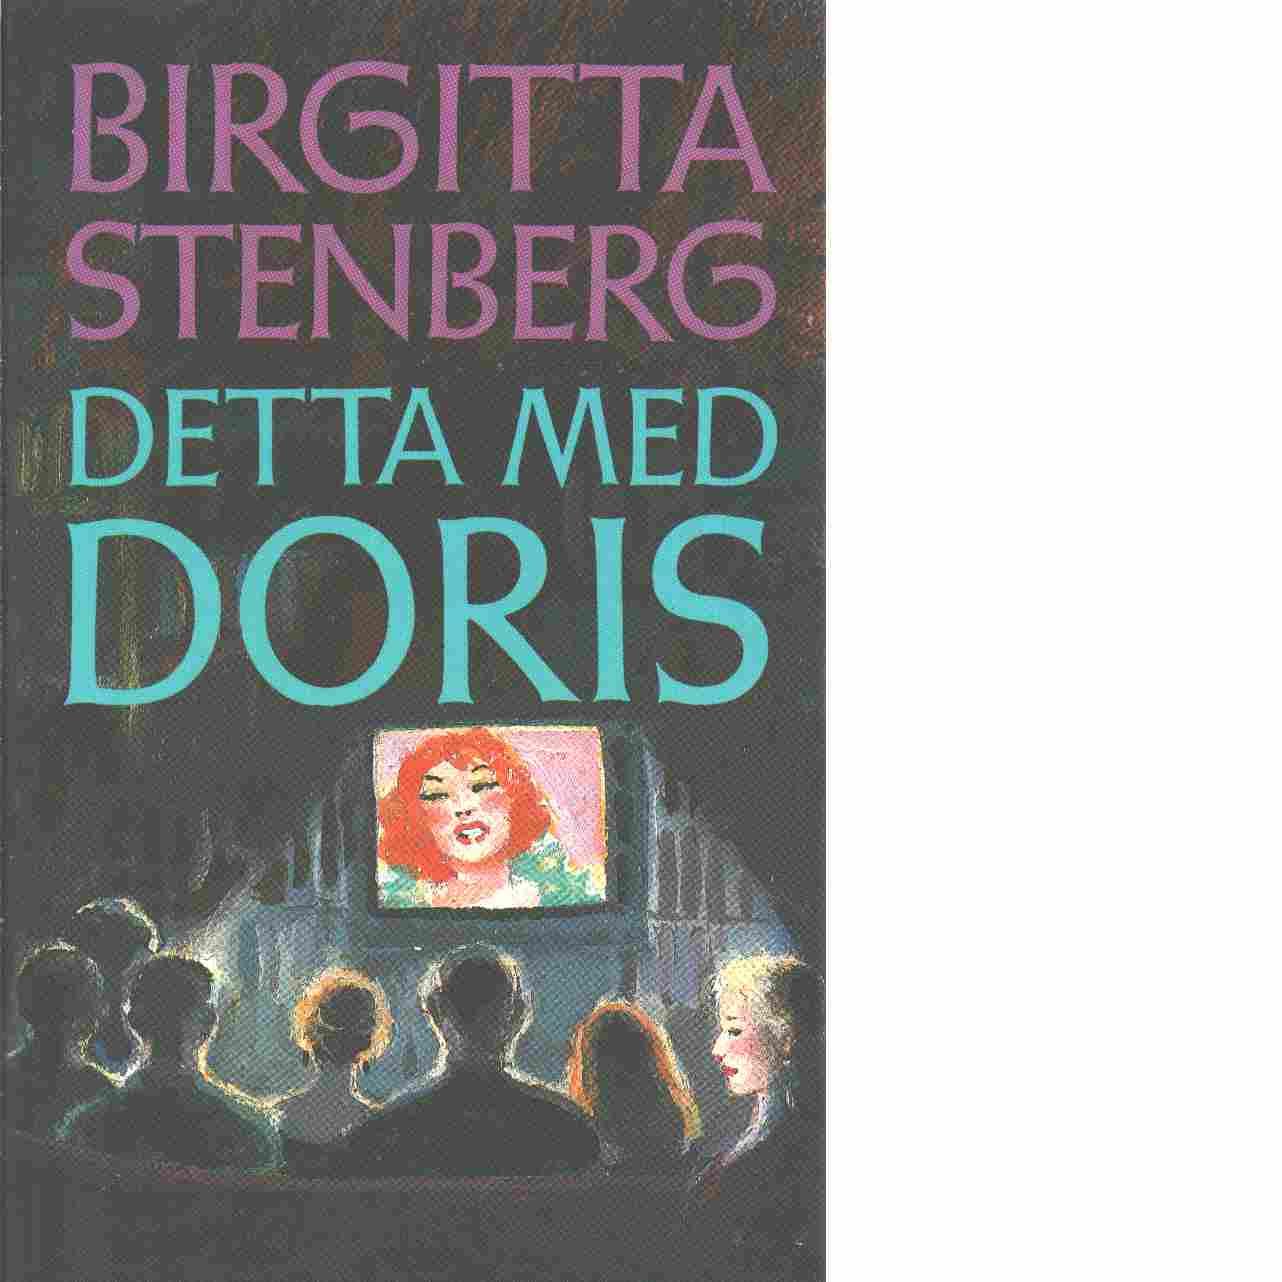 Detta med Doris - Stenberg, Birgitta